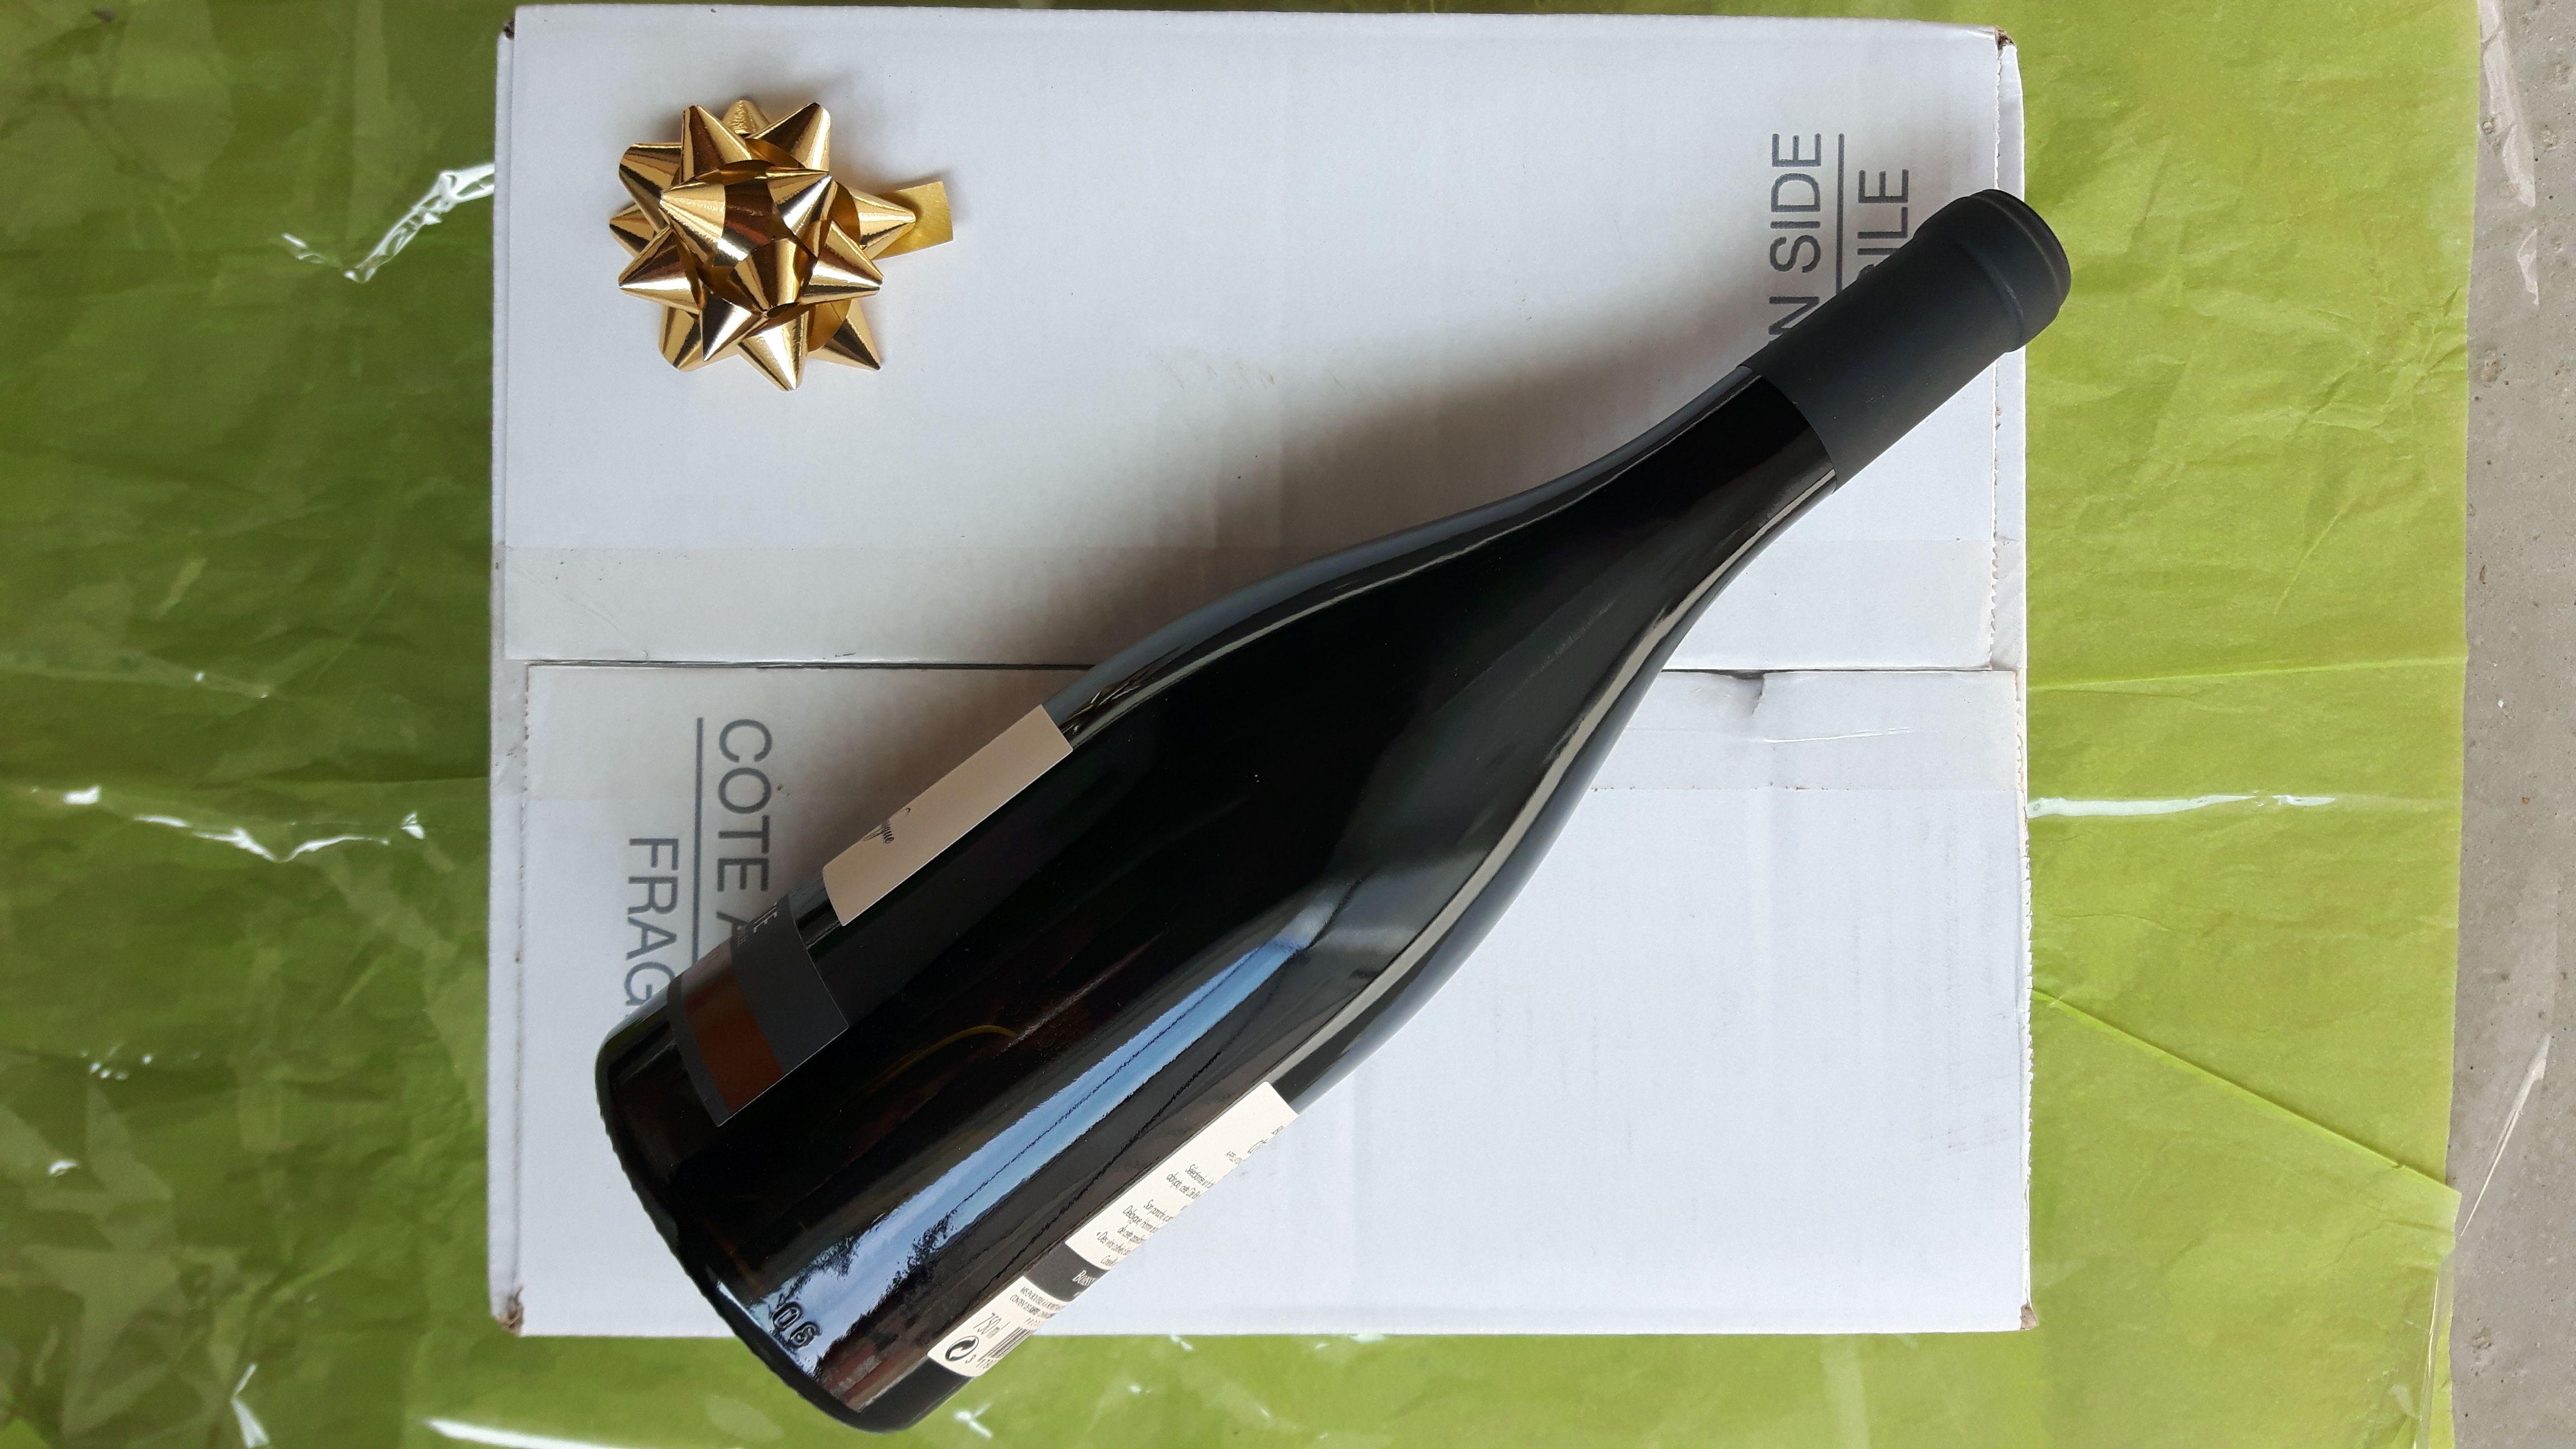 NOUVEAUTE happy-wines.com. Découvre la BOX! Pour TOI ou pour OFFRIR ...